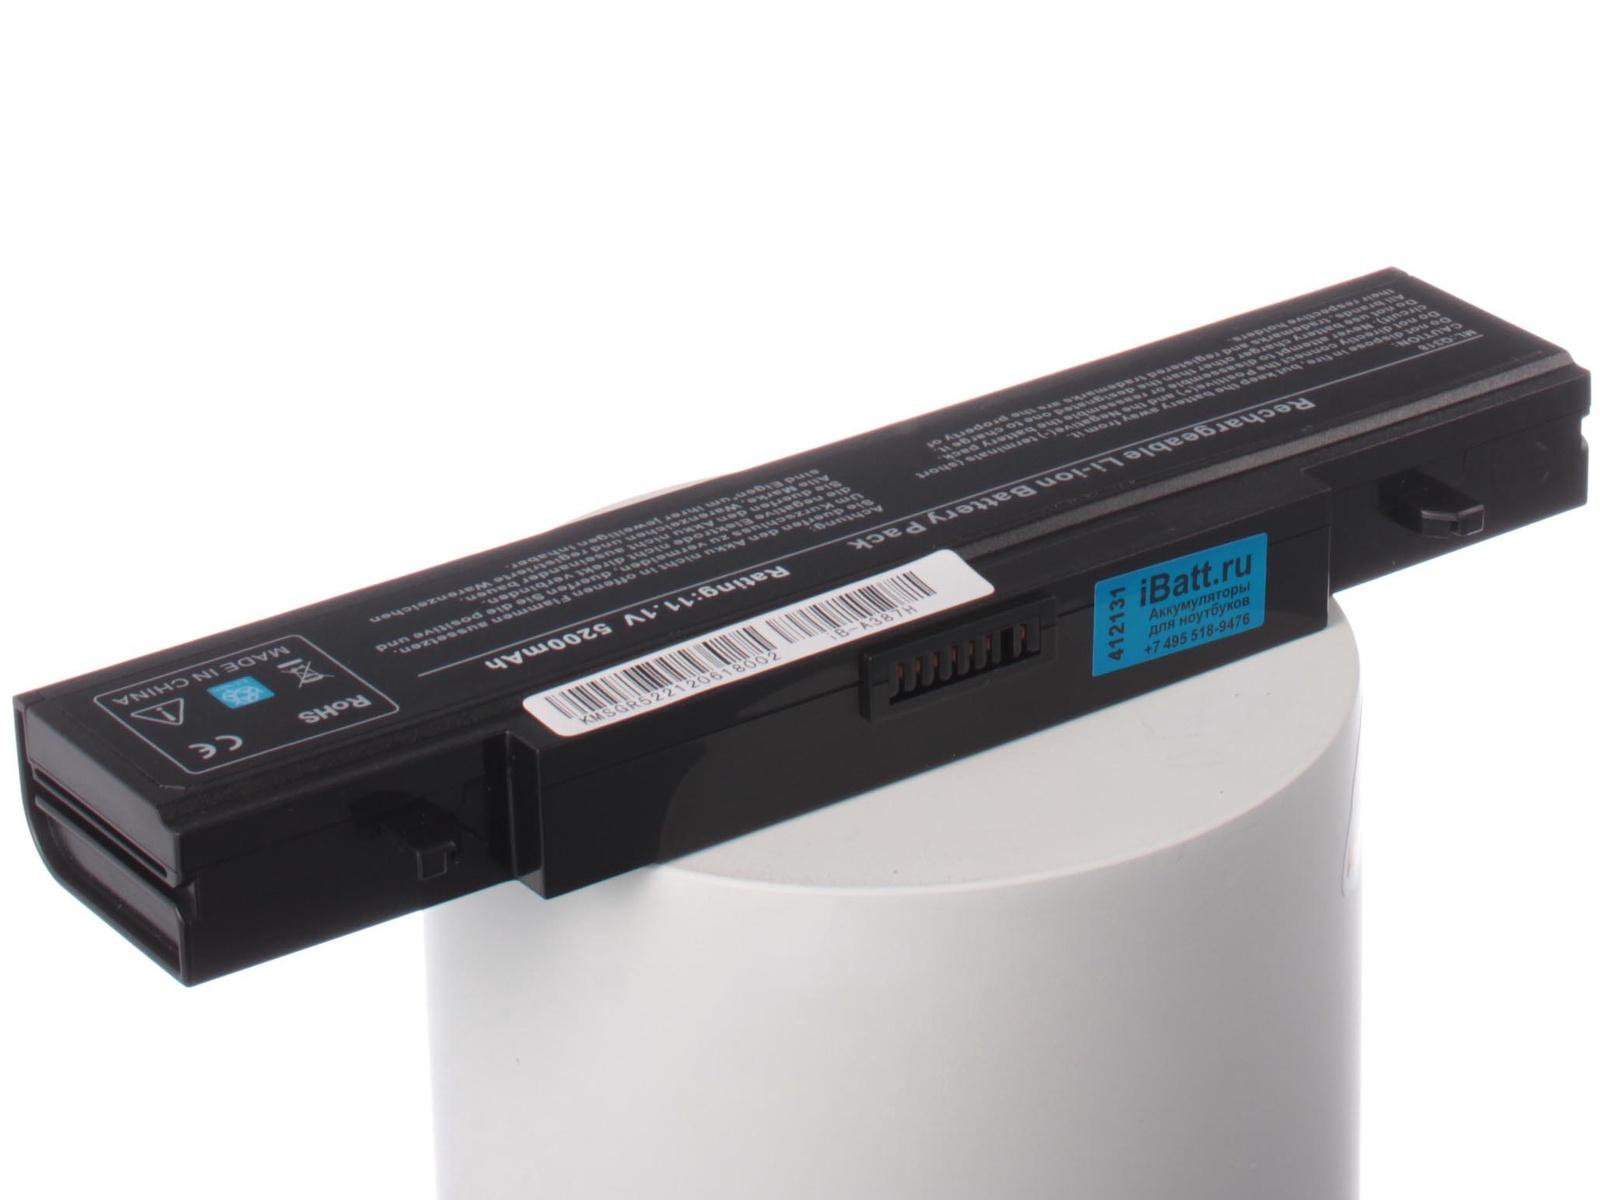 Аккумулятор для ноутбука iBatt для Samsung RC510-S03, RC720-S01, RV515-S01, RV515-S07, RV520-A01, 270E5E-X06, 300V4A-A04, 300V5A-S0W, 305V5A-A01, 350V5C-S1F, 550P5C-S01, R425-JS02, R528-DA01, R730-JB02, RC510-S05, RF510-S02